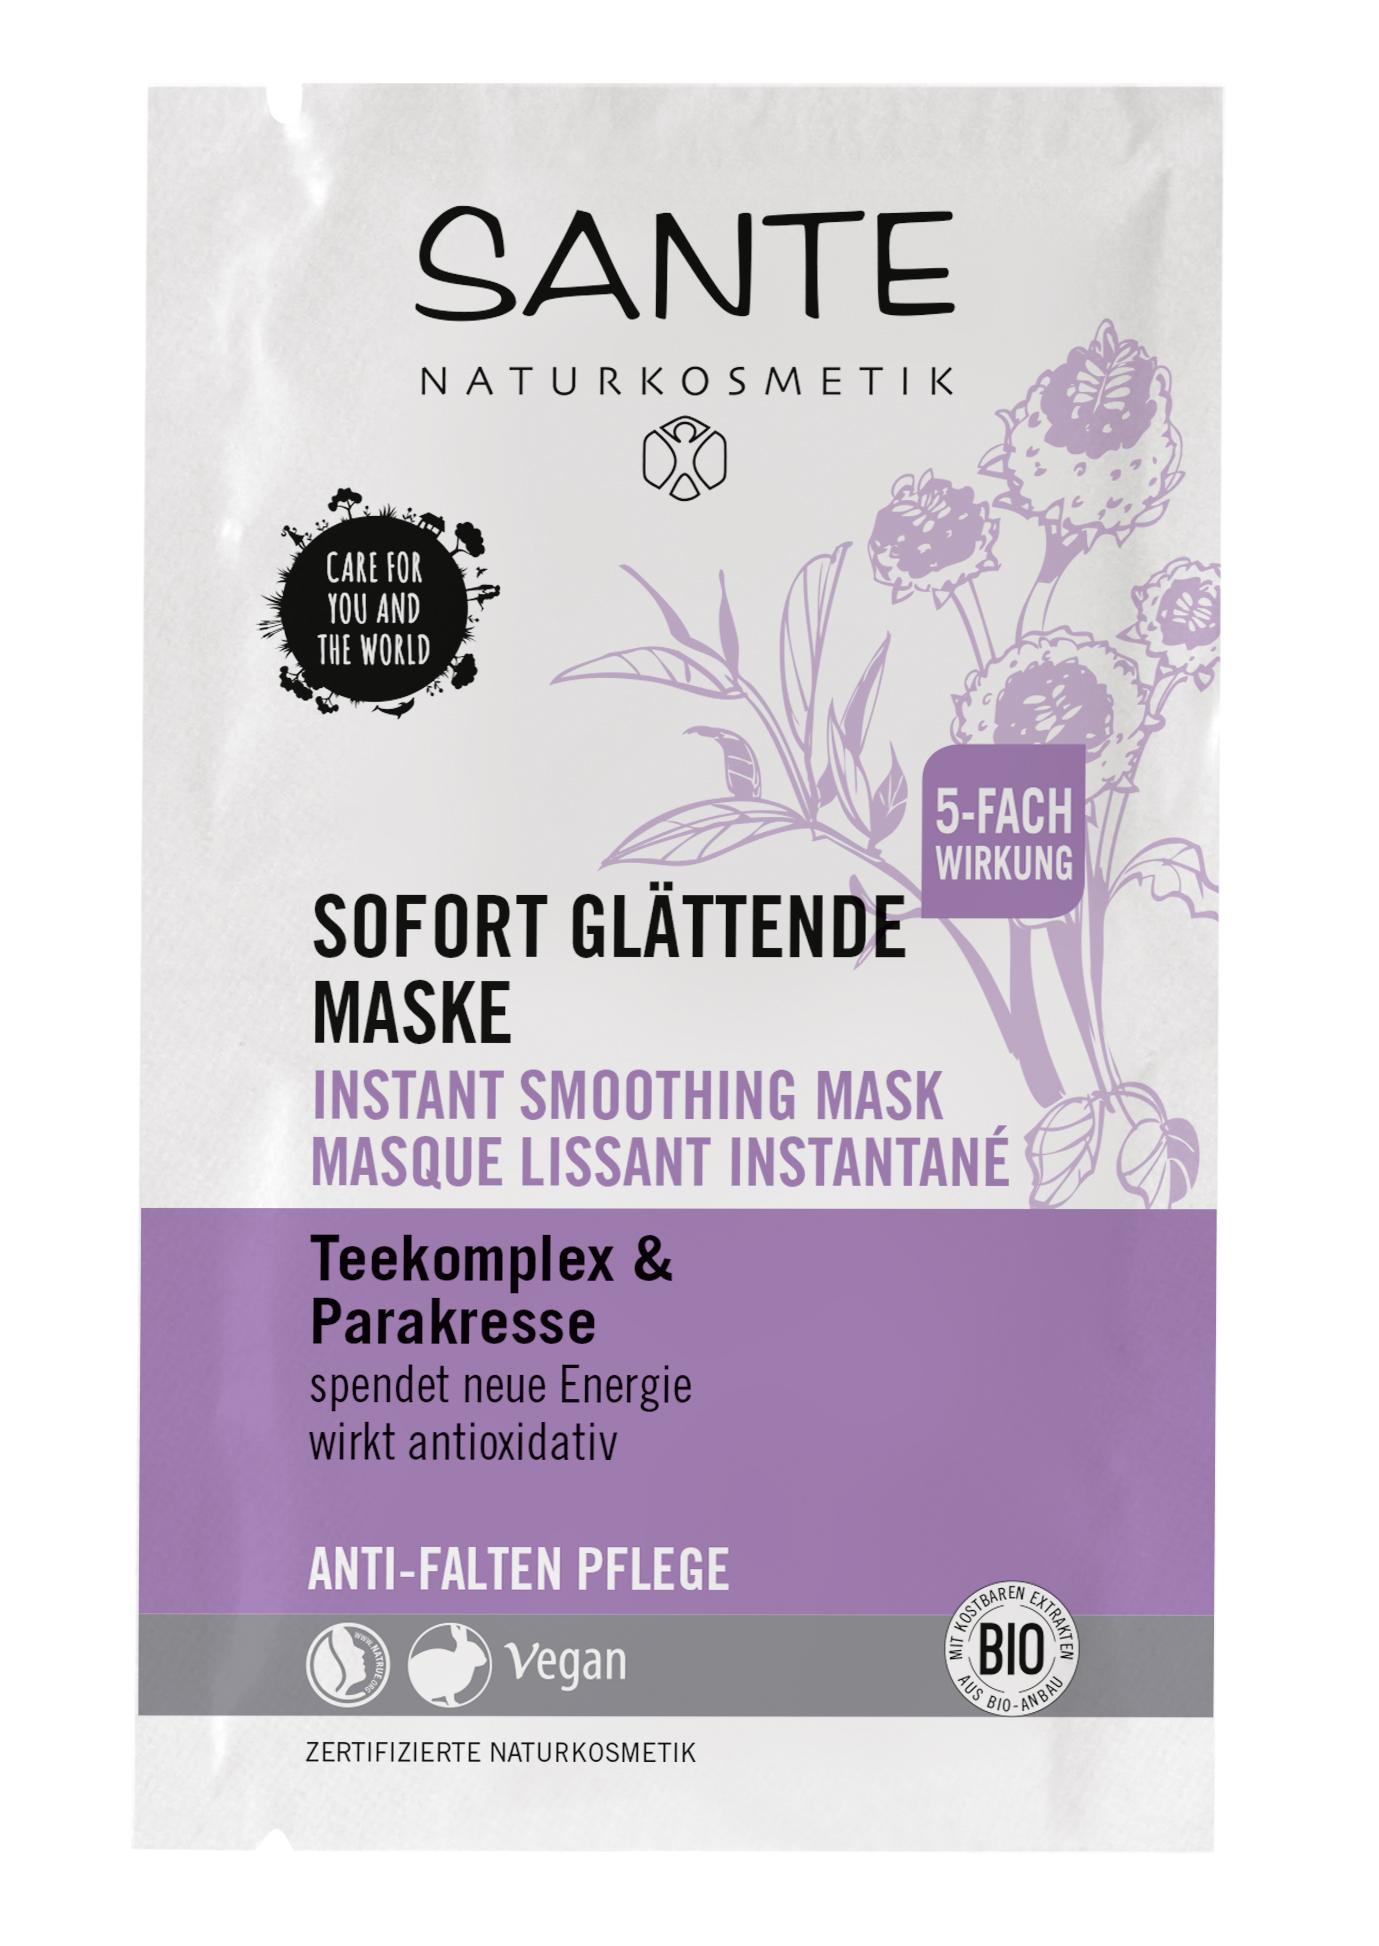 SANTE Anti-age интенсивно разглаживающая маска для лица с чайным комплексом и с Био-экстрактом Акмеллы